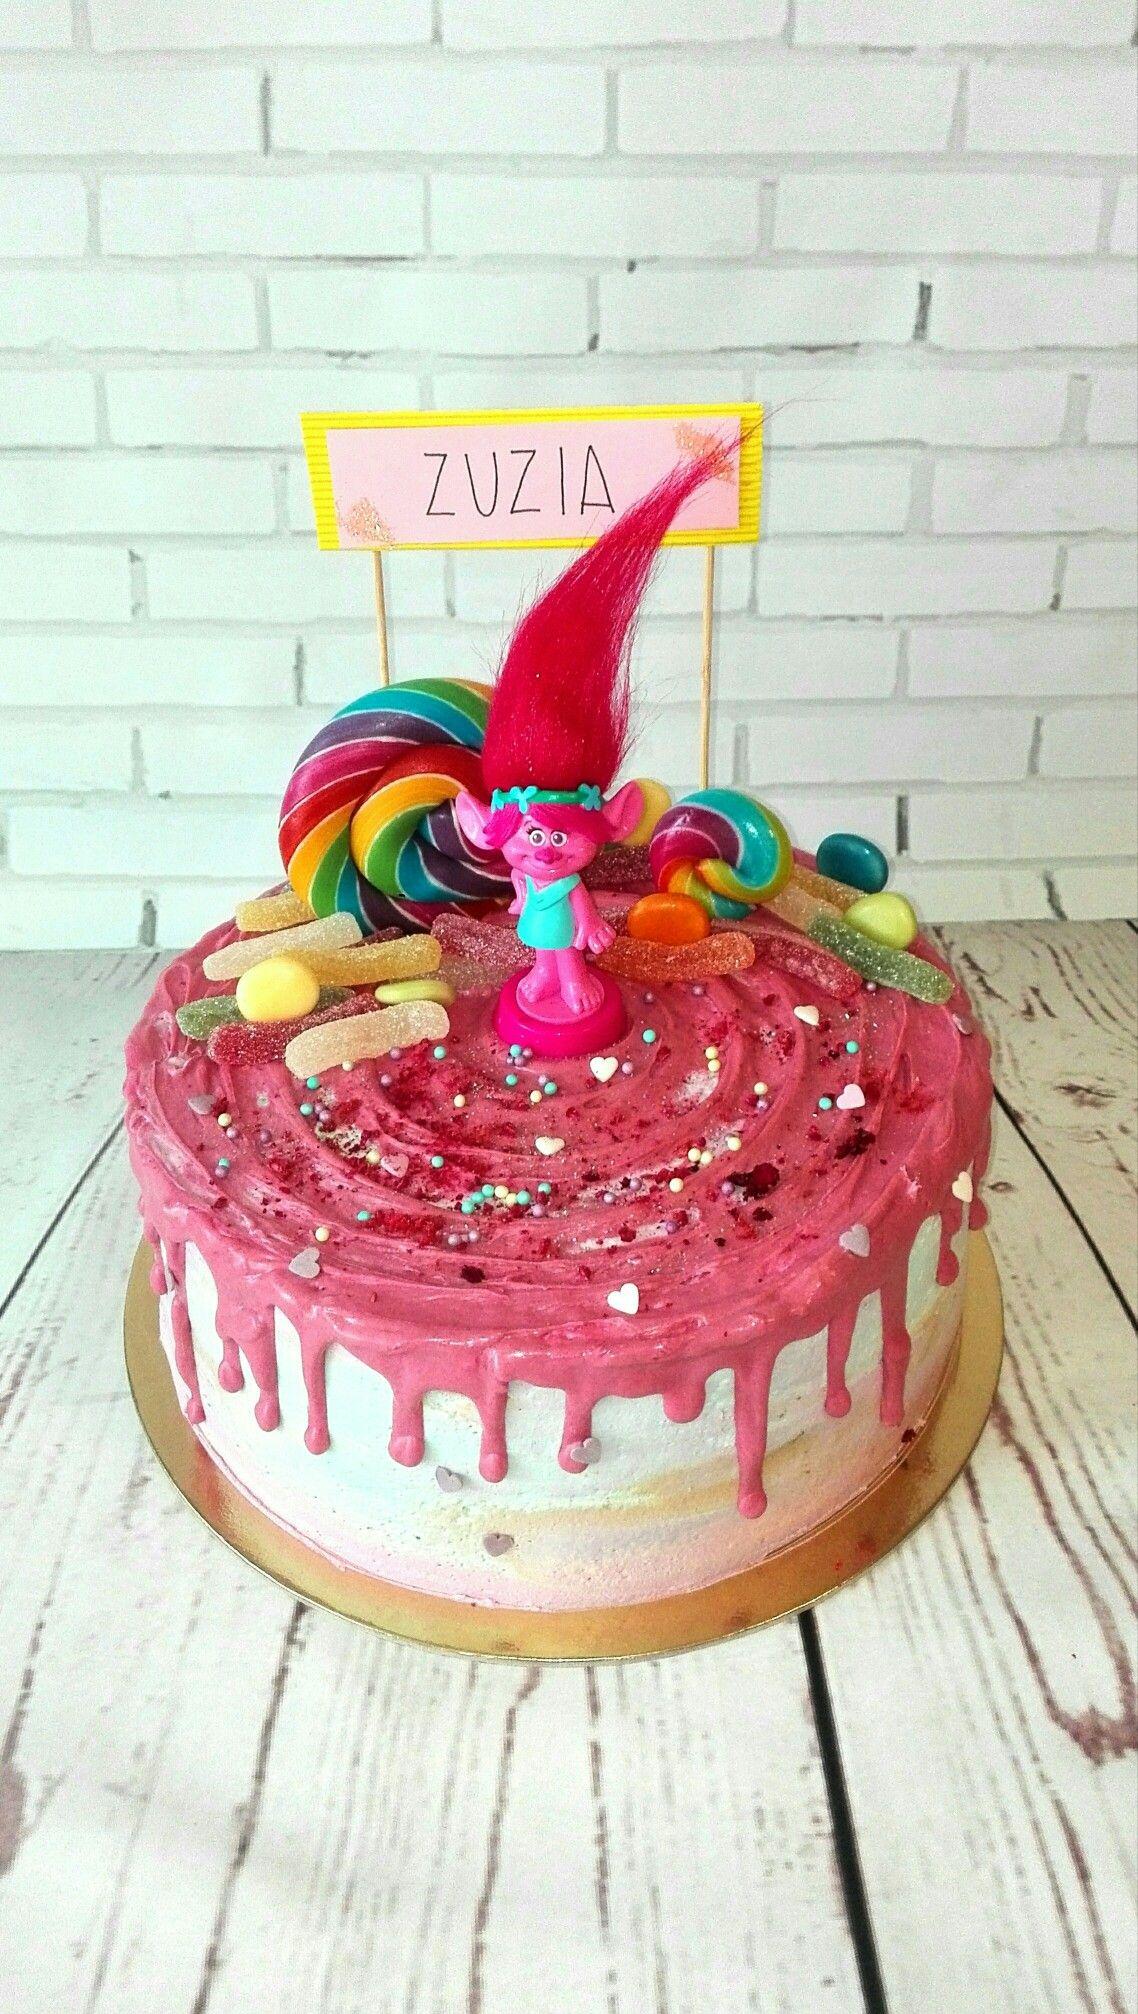 Camo drip cake | Drip cake | Pinterest | Drip cakes and Cake